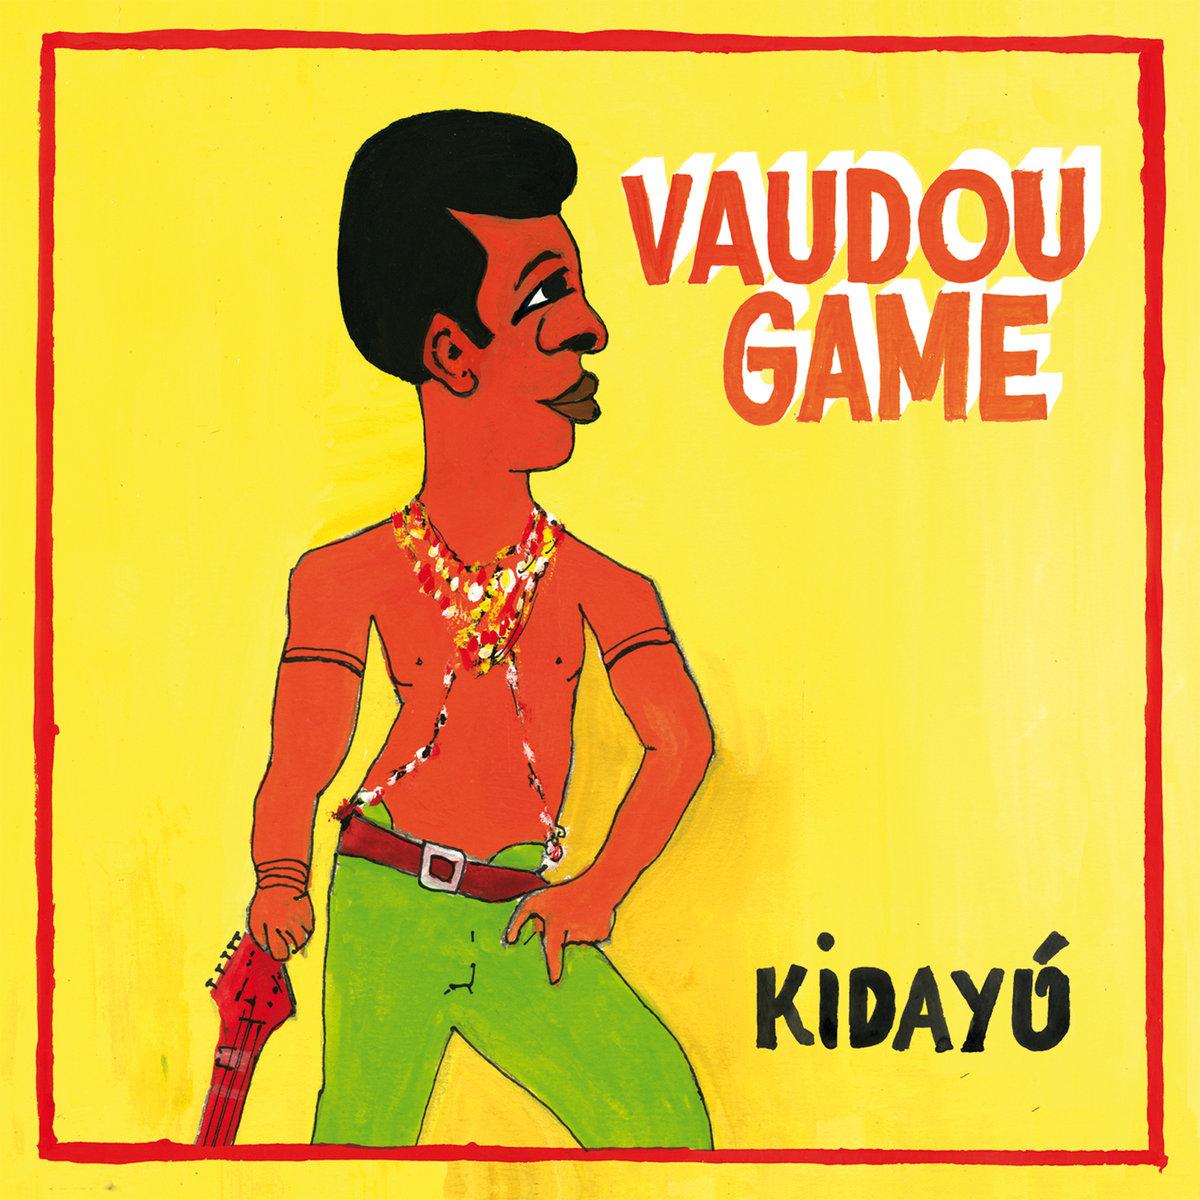 VAUDOU GAME - KIDAYU (HOT CASA, 2016)